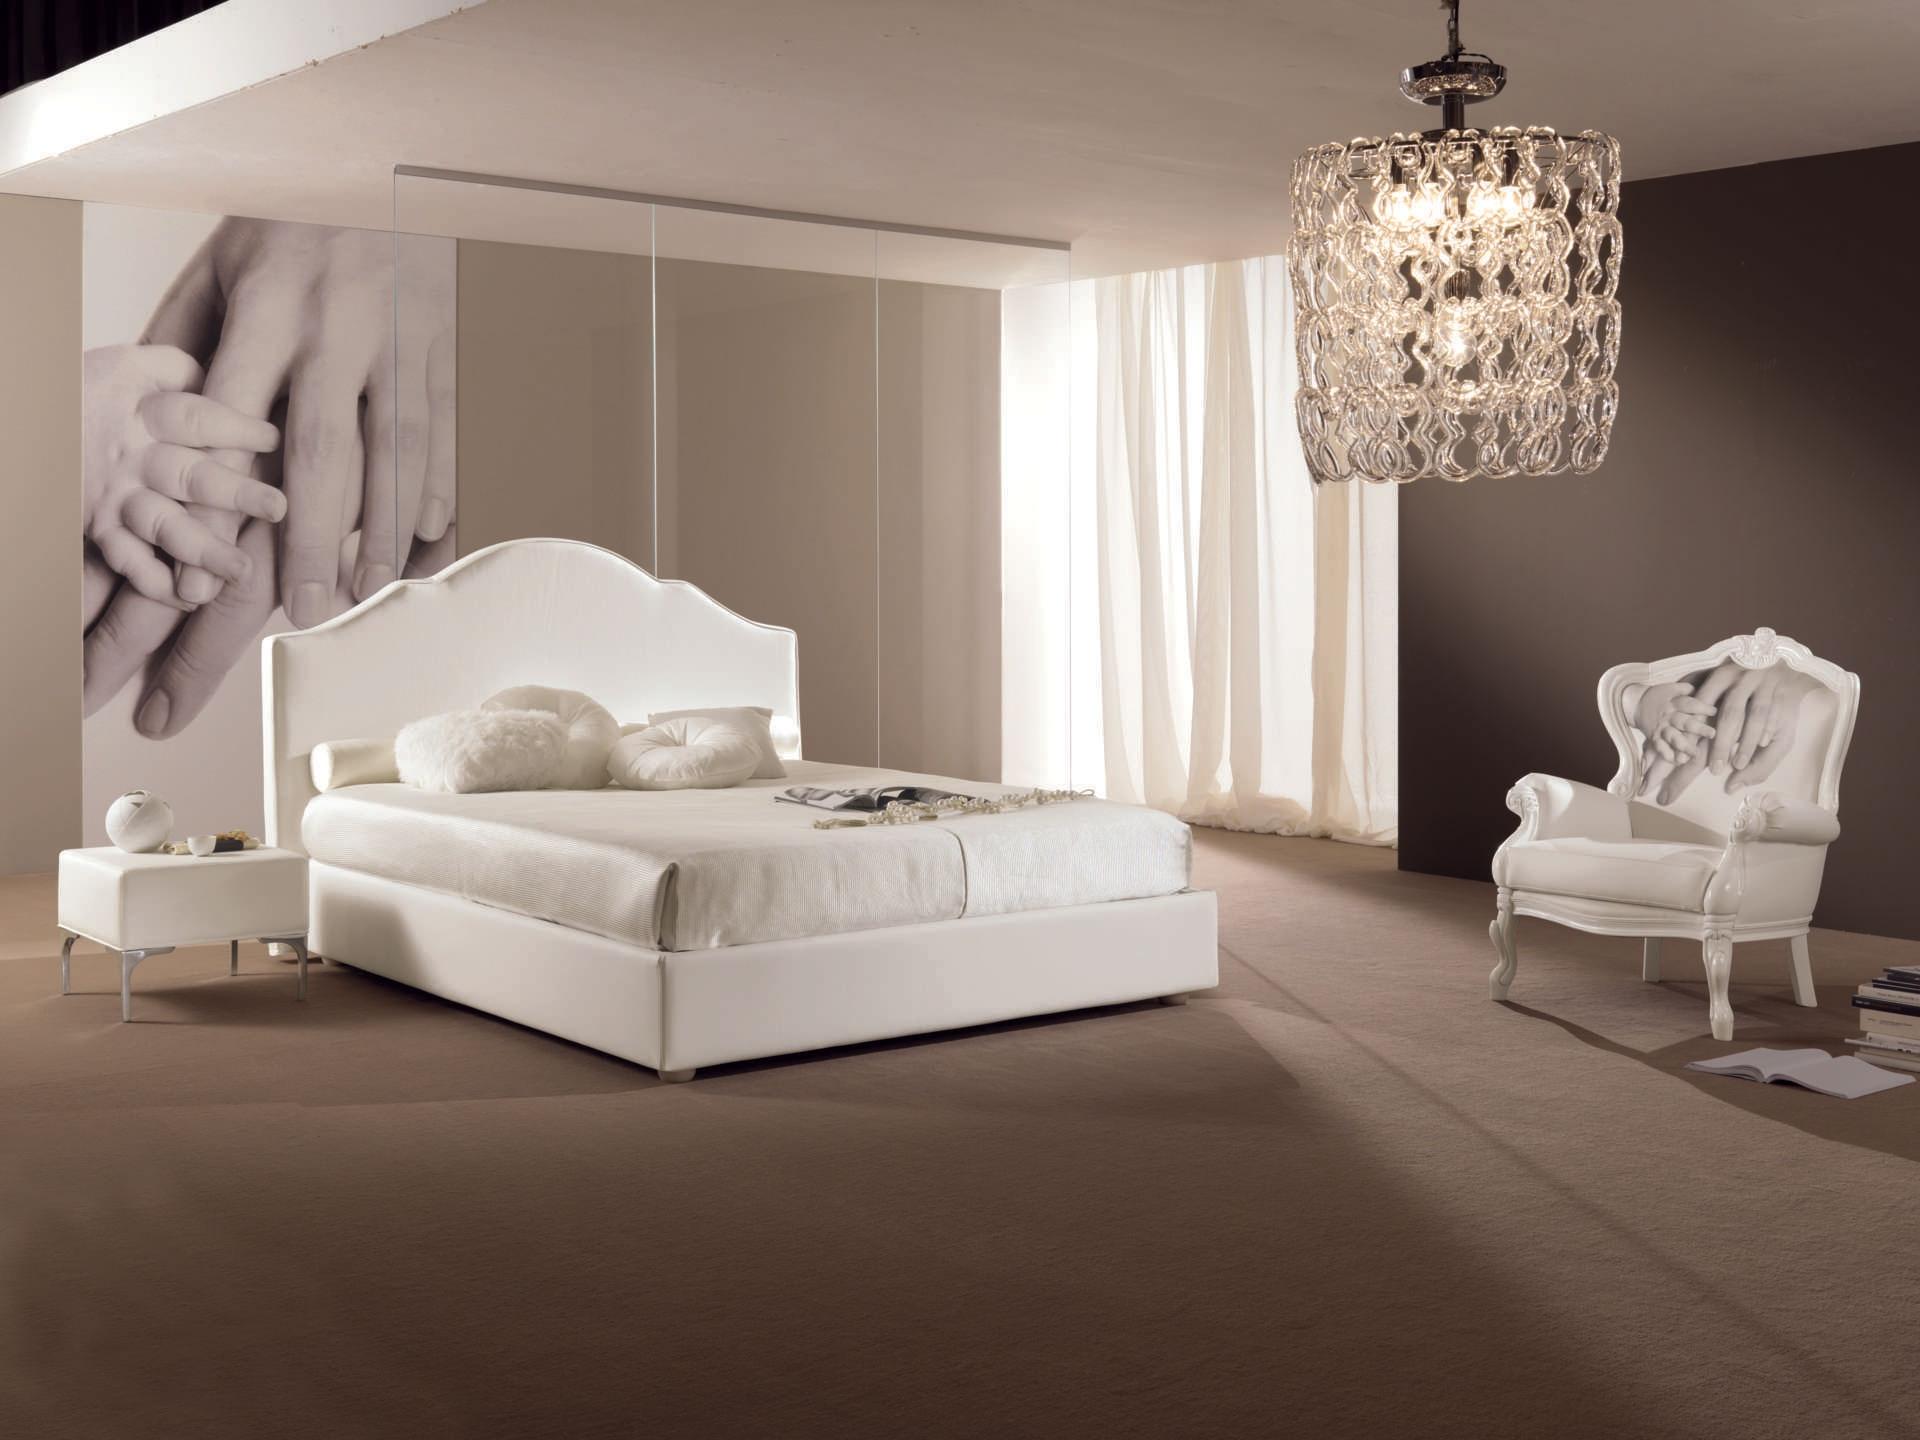 Idee Deco Chambre Coucher Look Moderne Pour Interieurs De Design